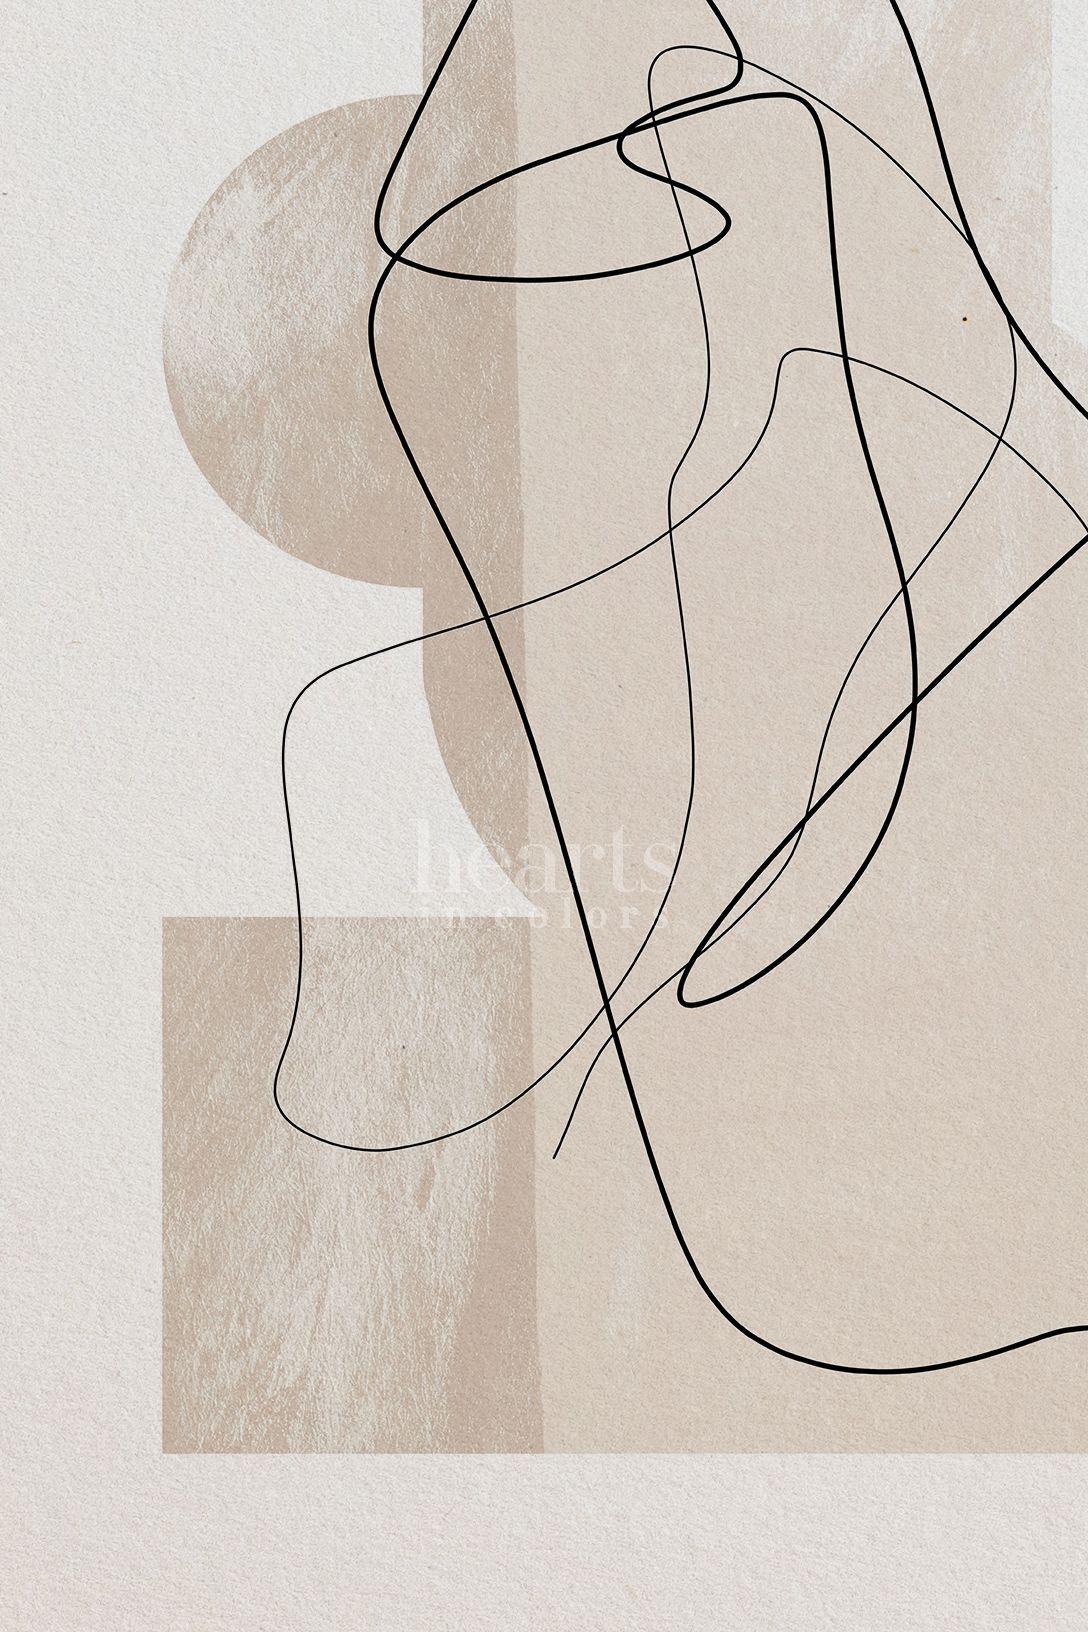 Minimalist wall art Minimal Print minimalist art Abstract Lines painting